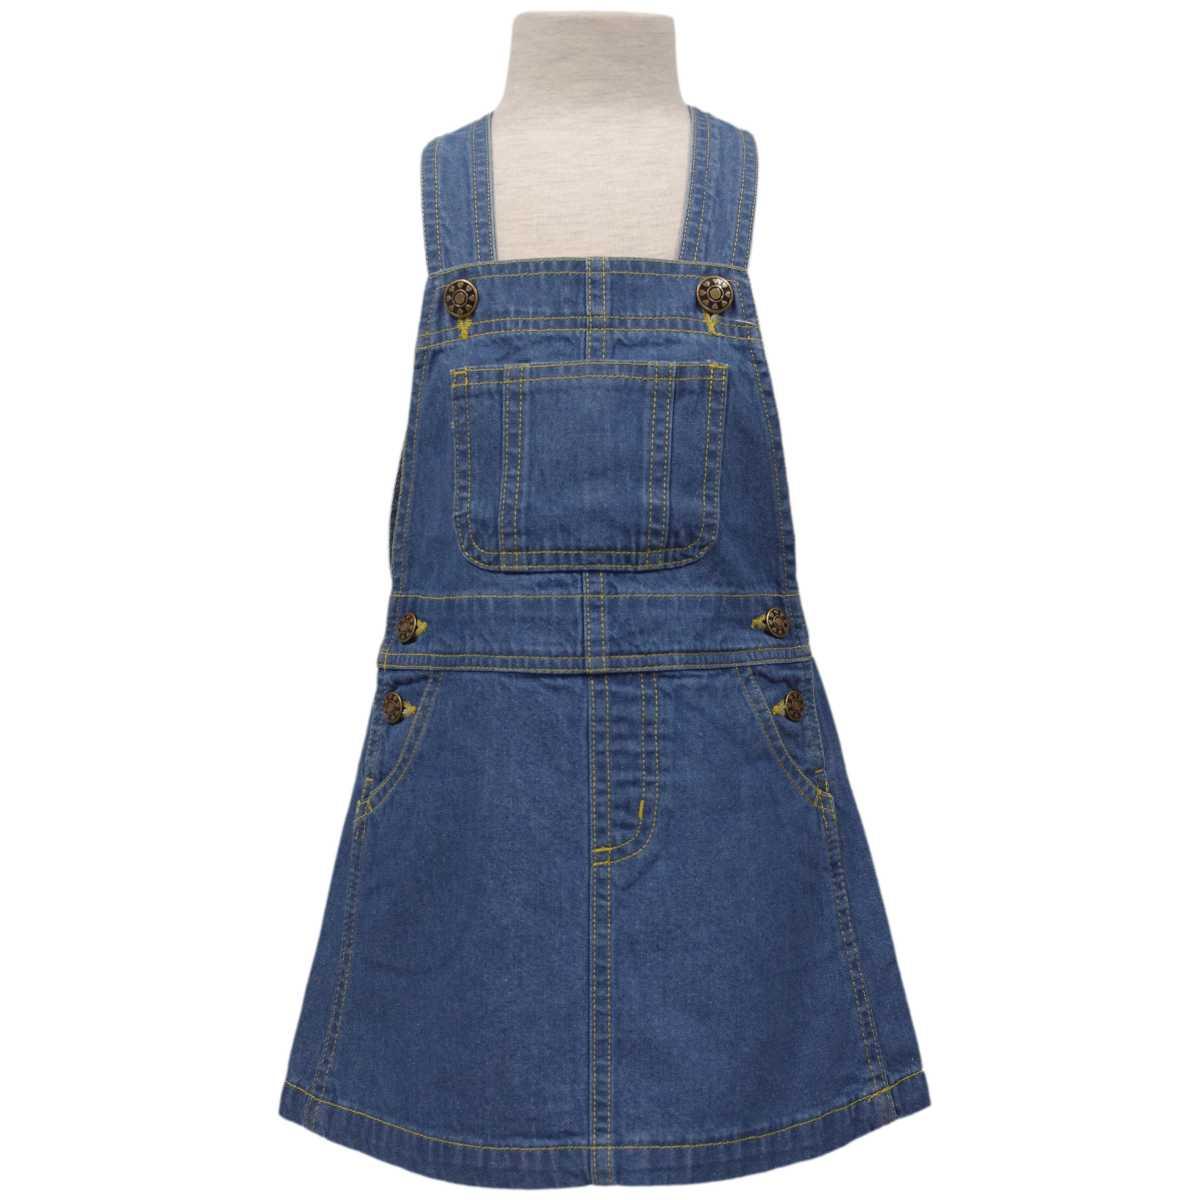 ガールズキッズデニムジャンパースカートAラインジャンスカサロペットスカート女の子女児子供(ブルー11